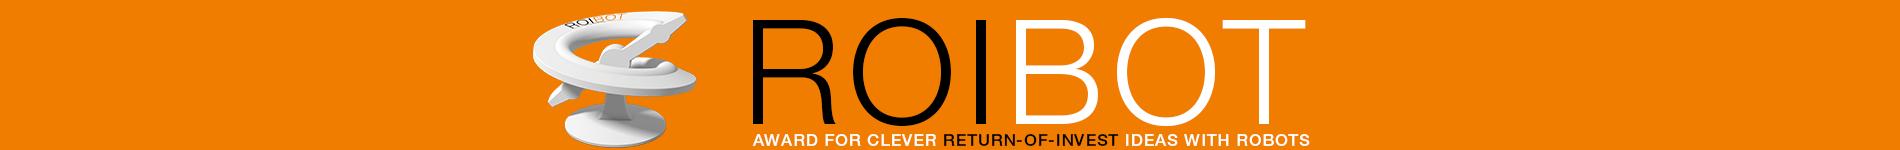 roibot-logo-banner (002)-1